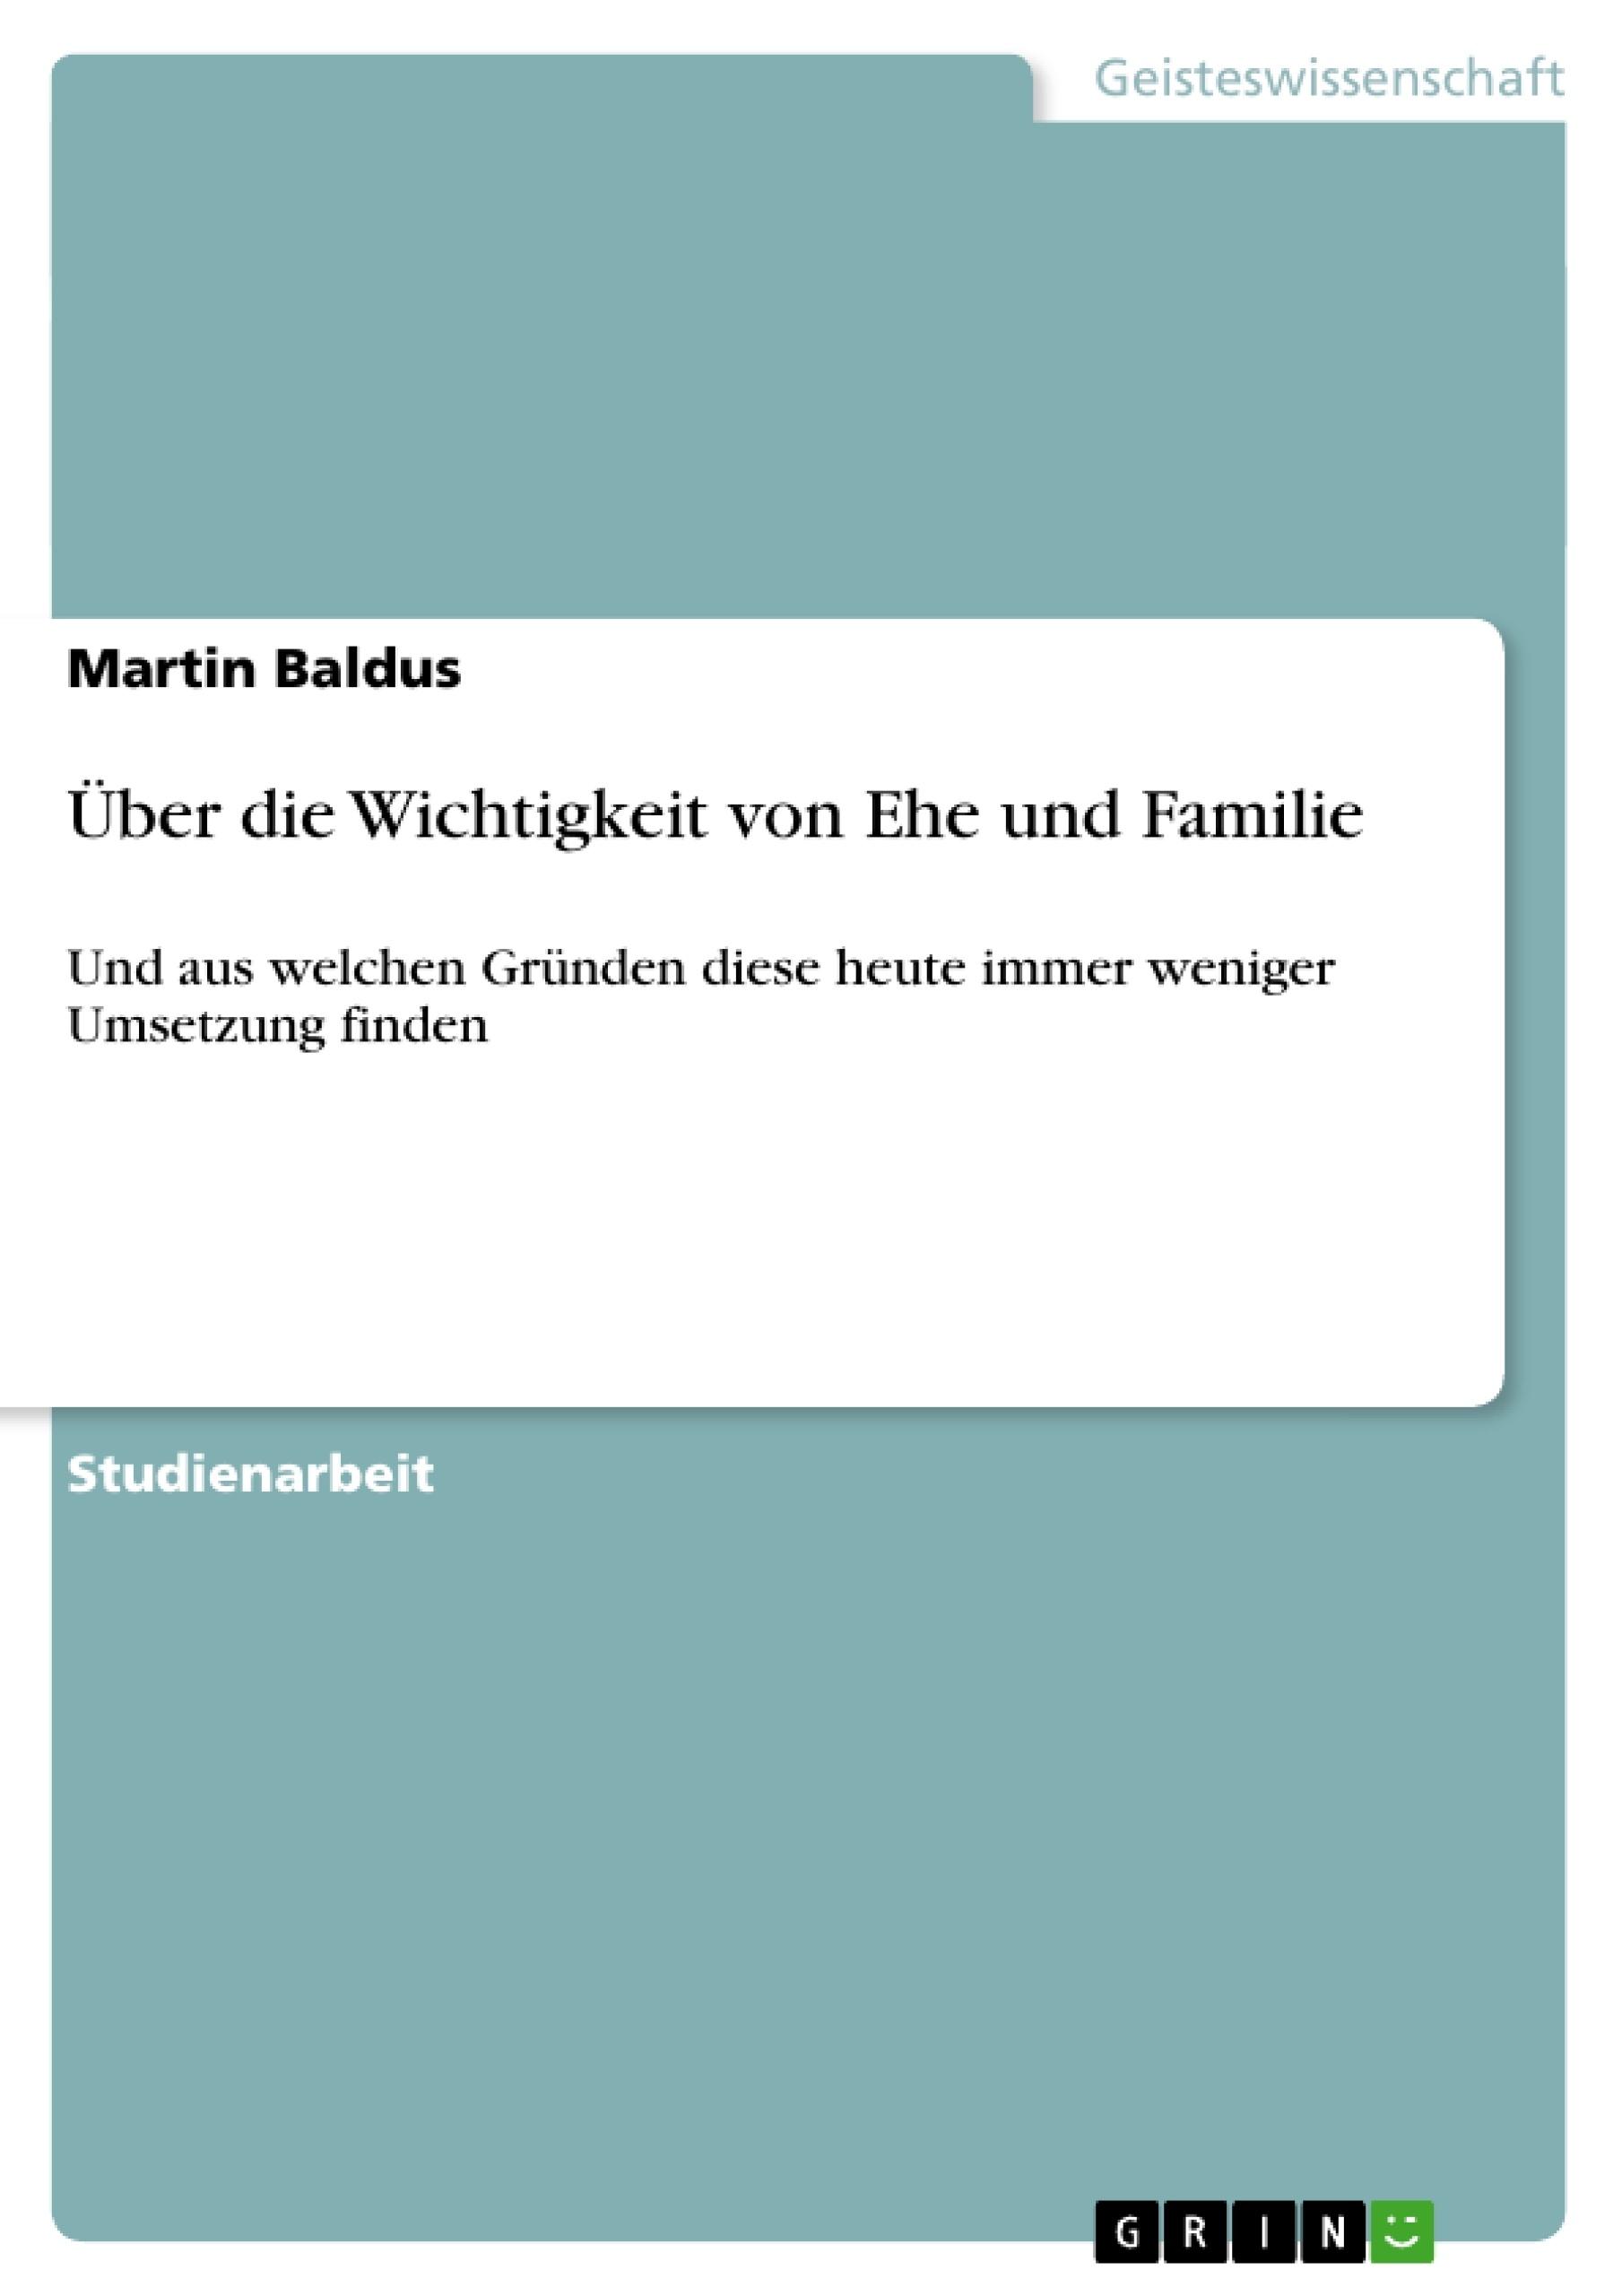 Titel: Über die Wichtigkeit von Ehe und Familie